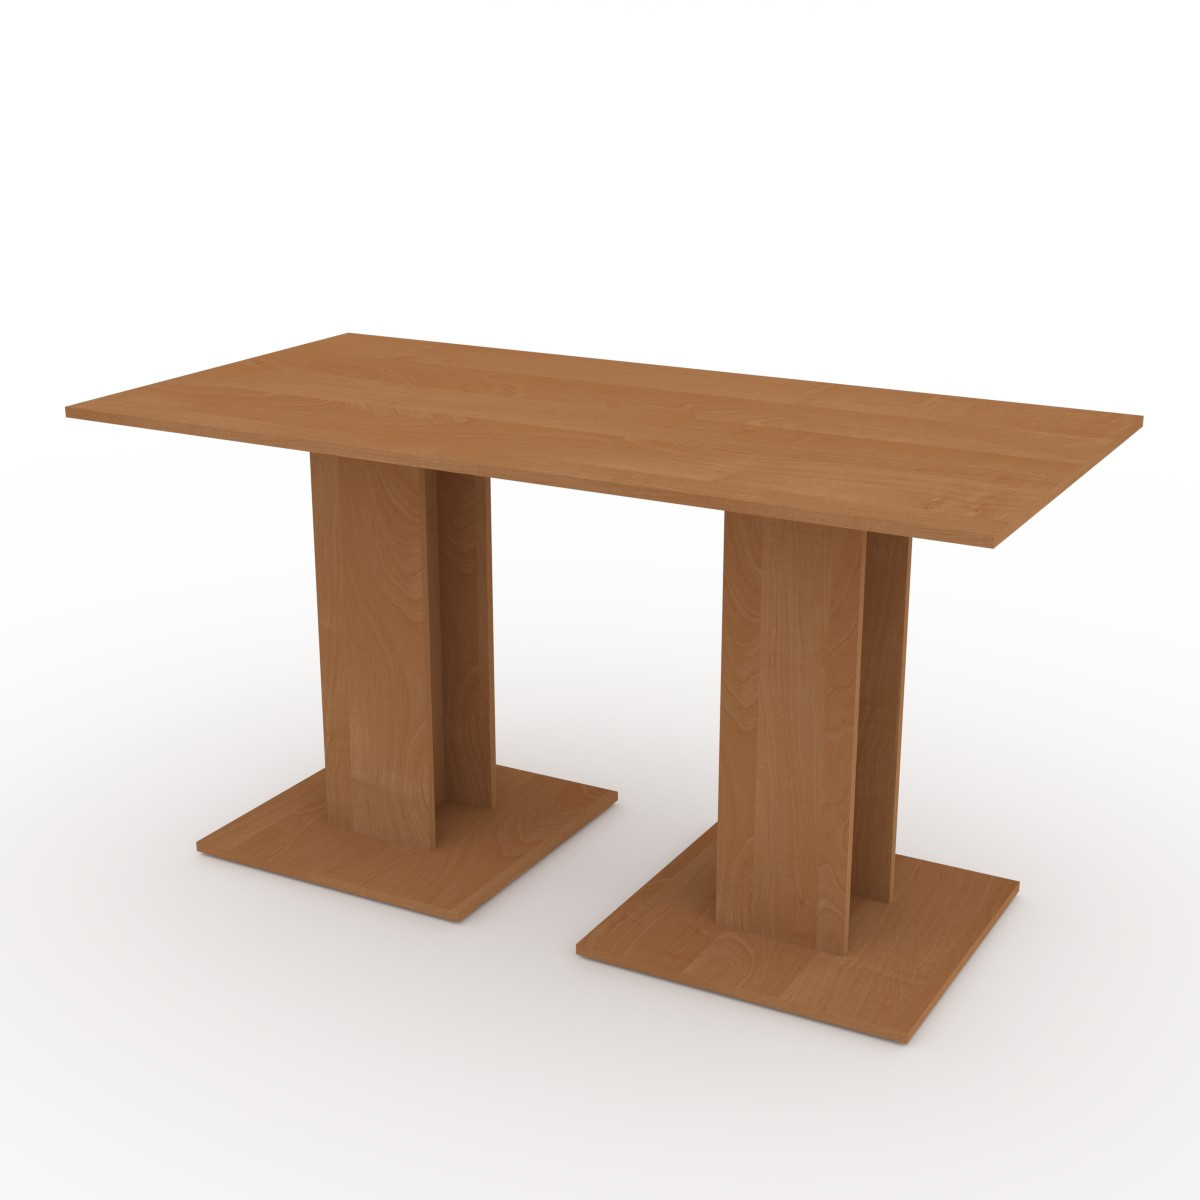 Стол кухонный КС-8 ольха Компанит (140х70х74 см)